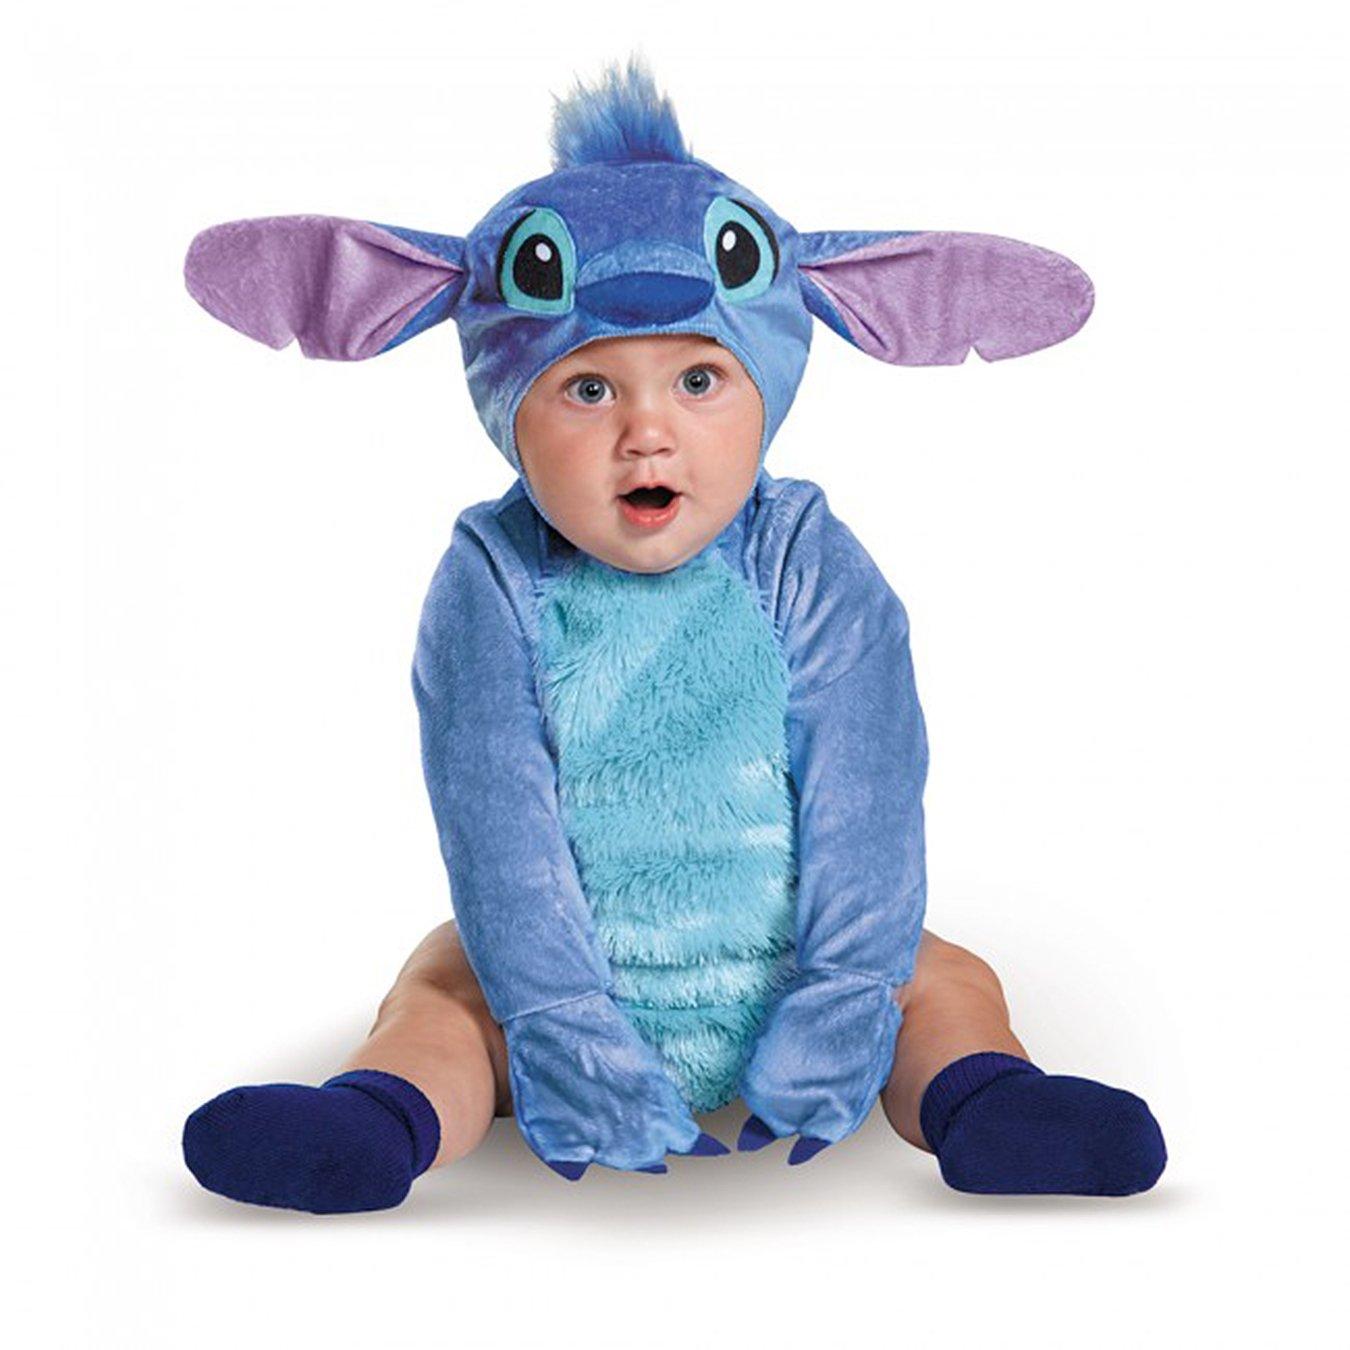 Amazon.com: Disney Baby Stitch Infant Costume: Clothing